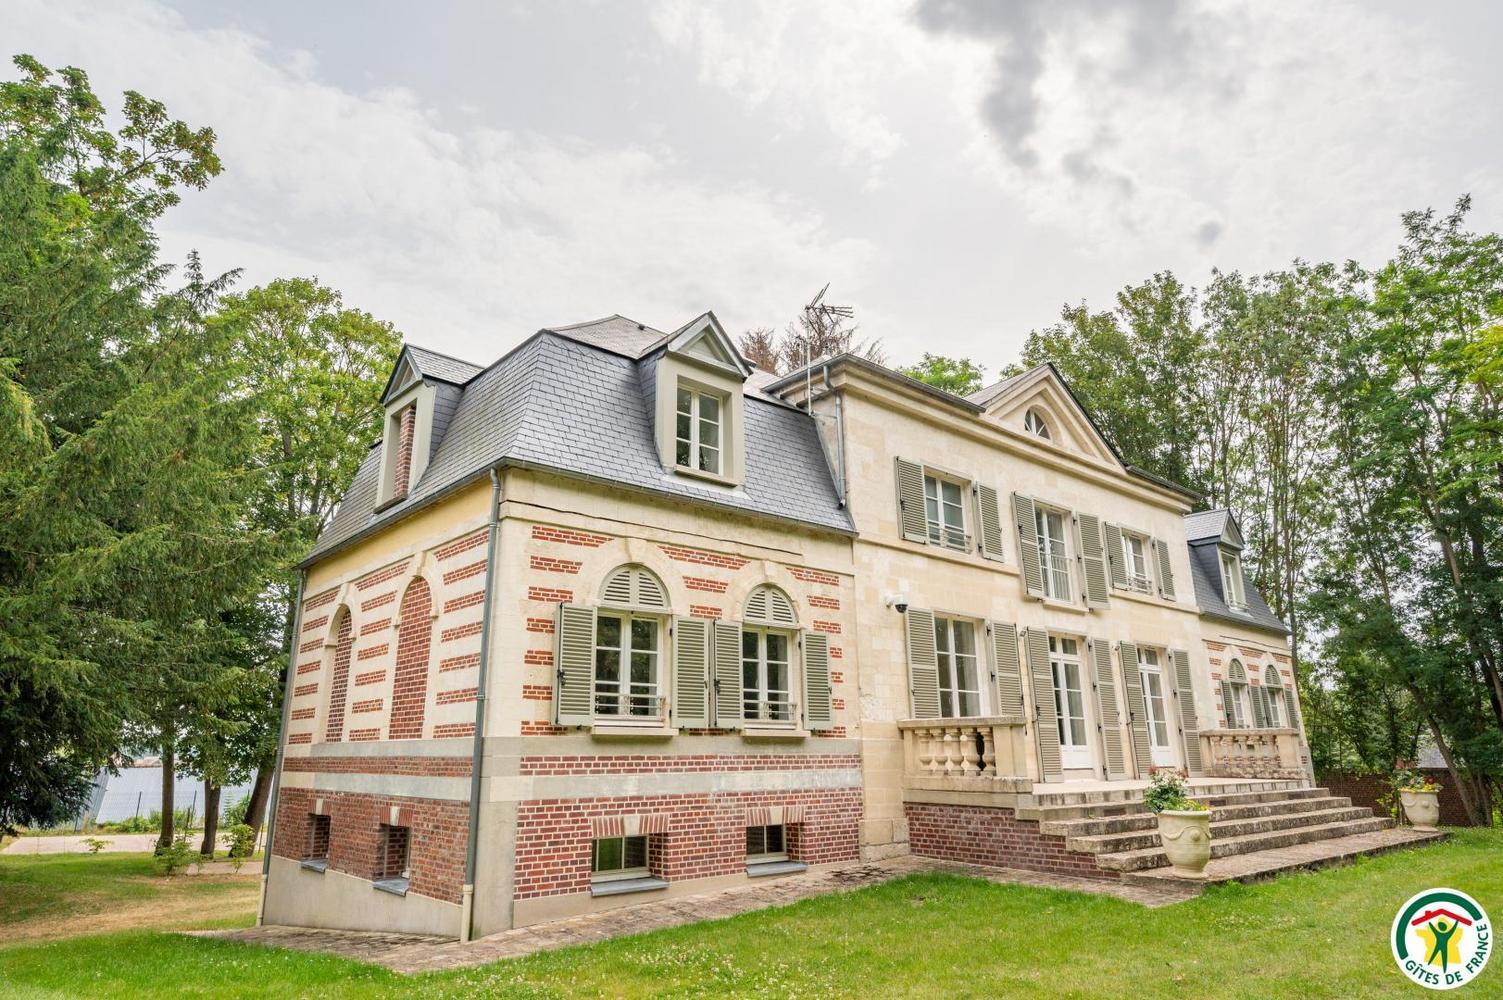 chateau_de_la_butte_breteuil_8.jpg